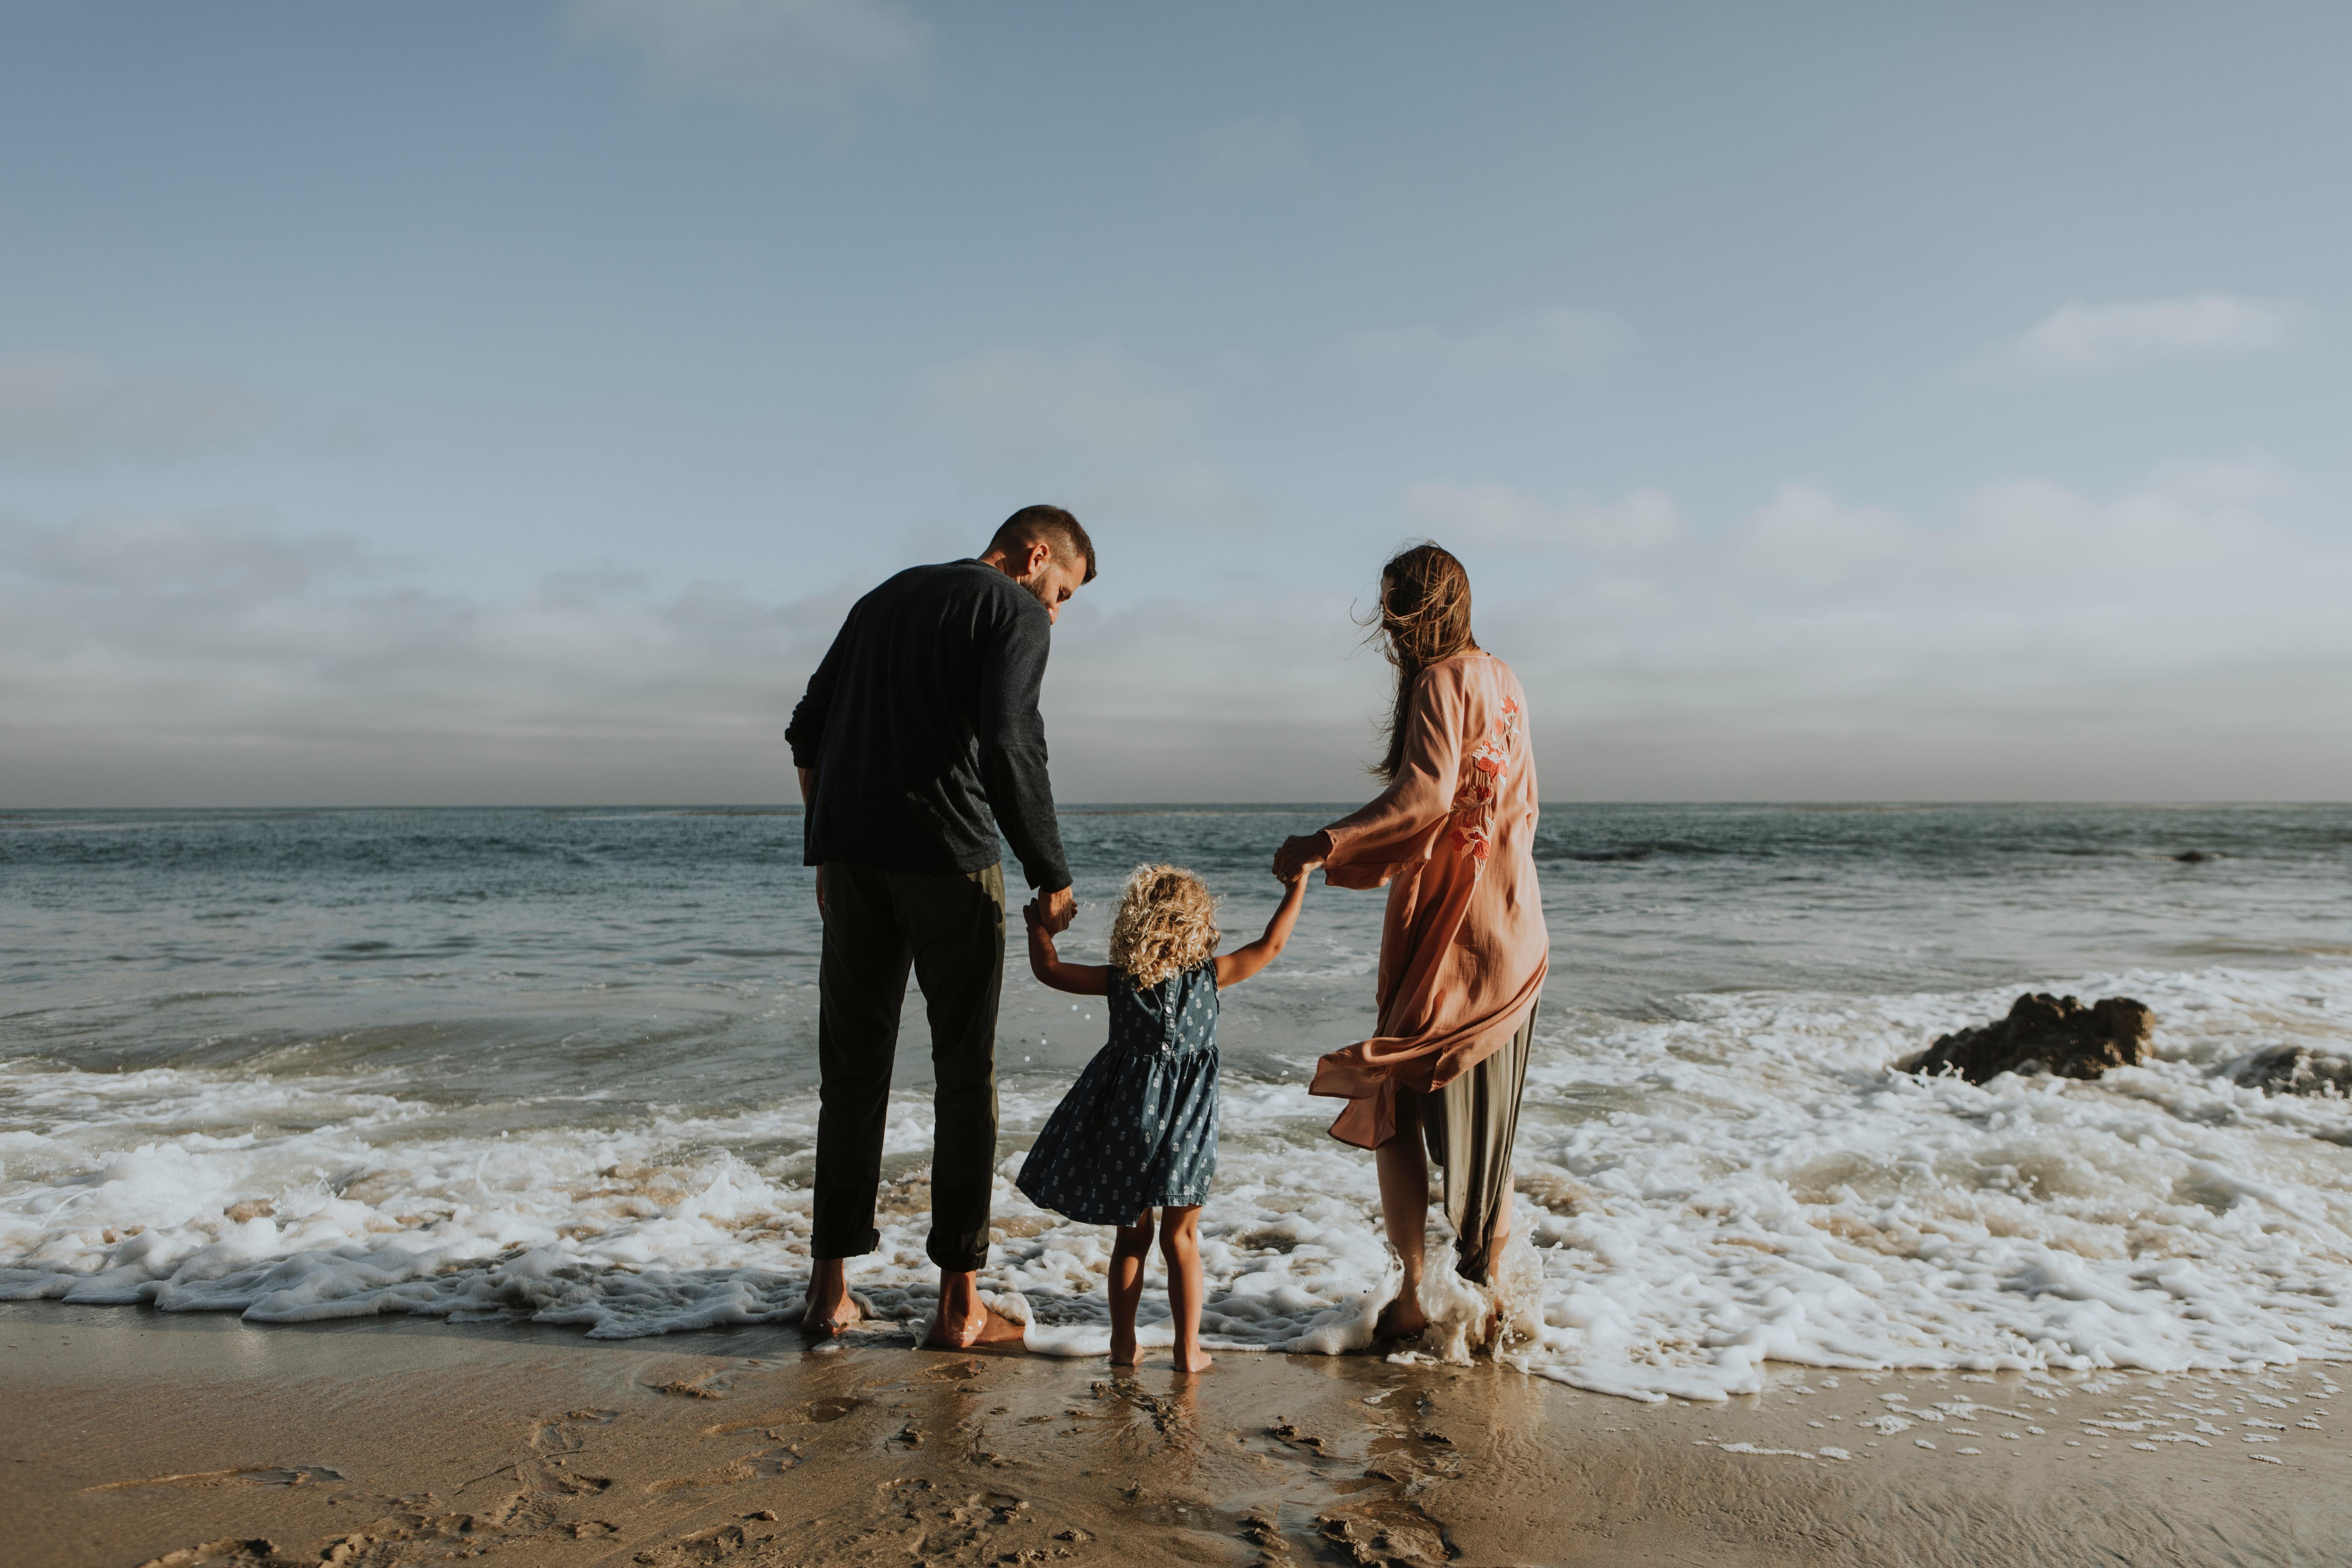 barefoot-beach-cheerful-1574653